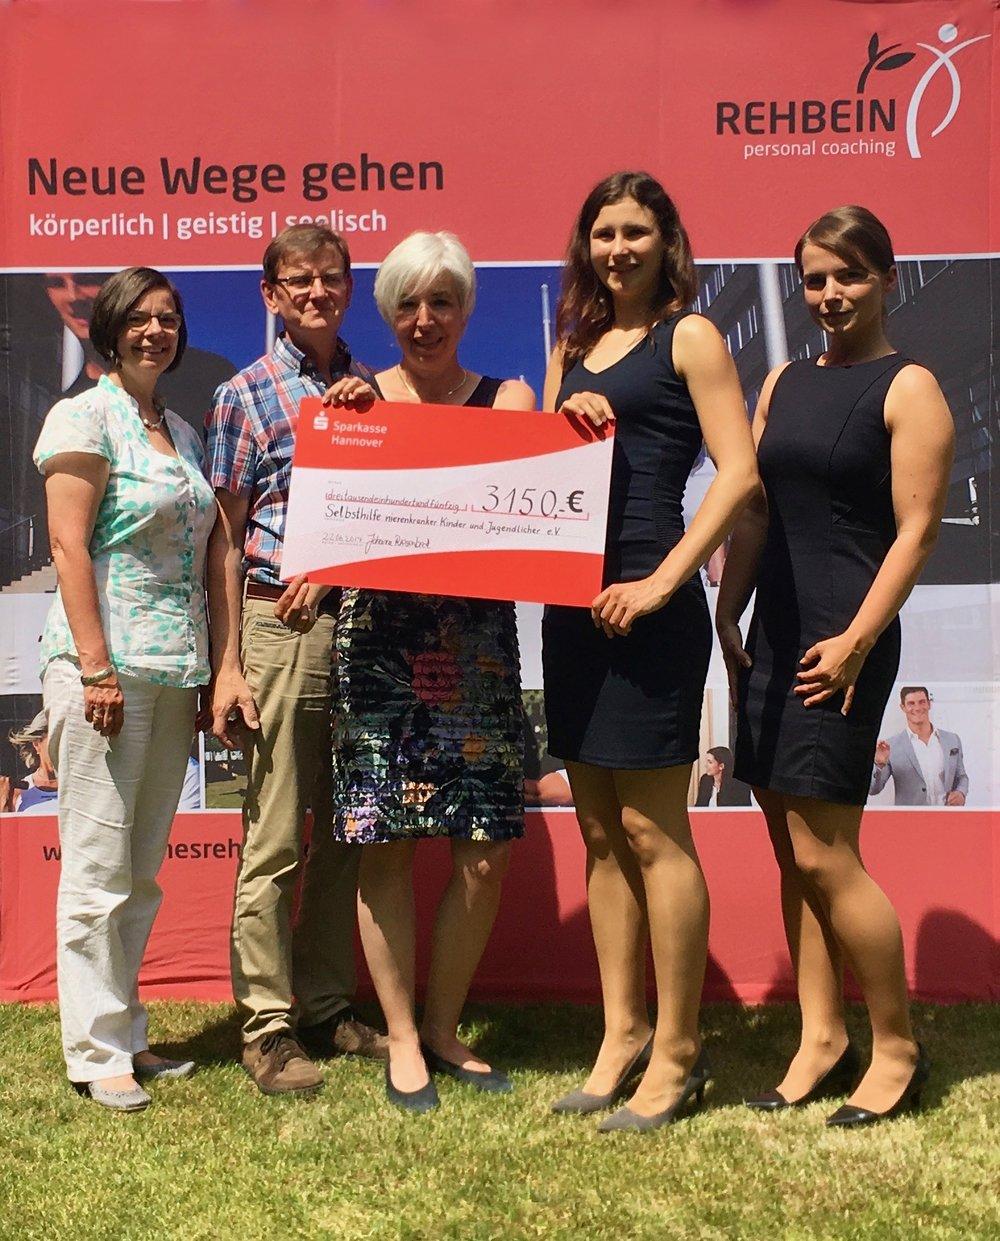 v.l.: Barbara Brauner, Clemens Brauner, Susanne Weise (Selbsthilfe nierenkranker Kinder und Jugendlicher e.V.); Johanna Riesenbeck (Rehbein personal coaching), Jasmin Lange (Rehbein group)